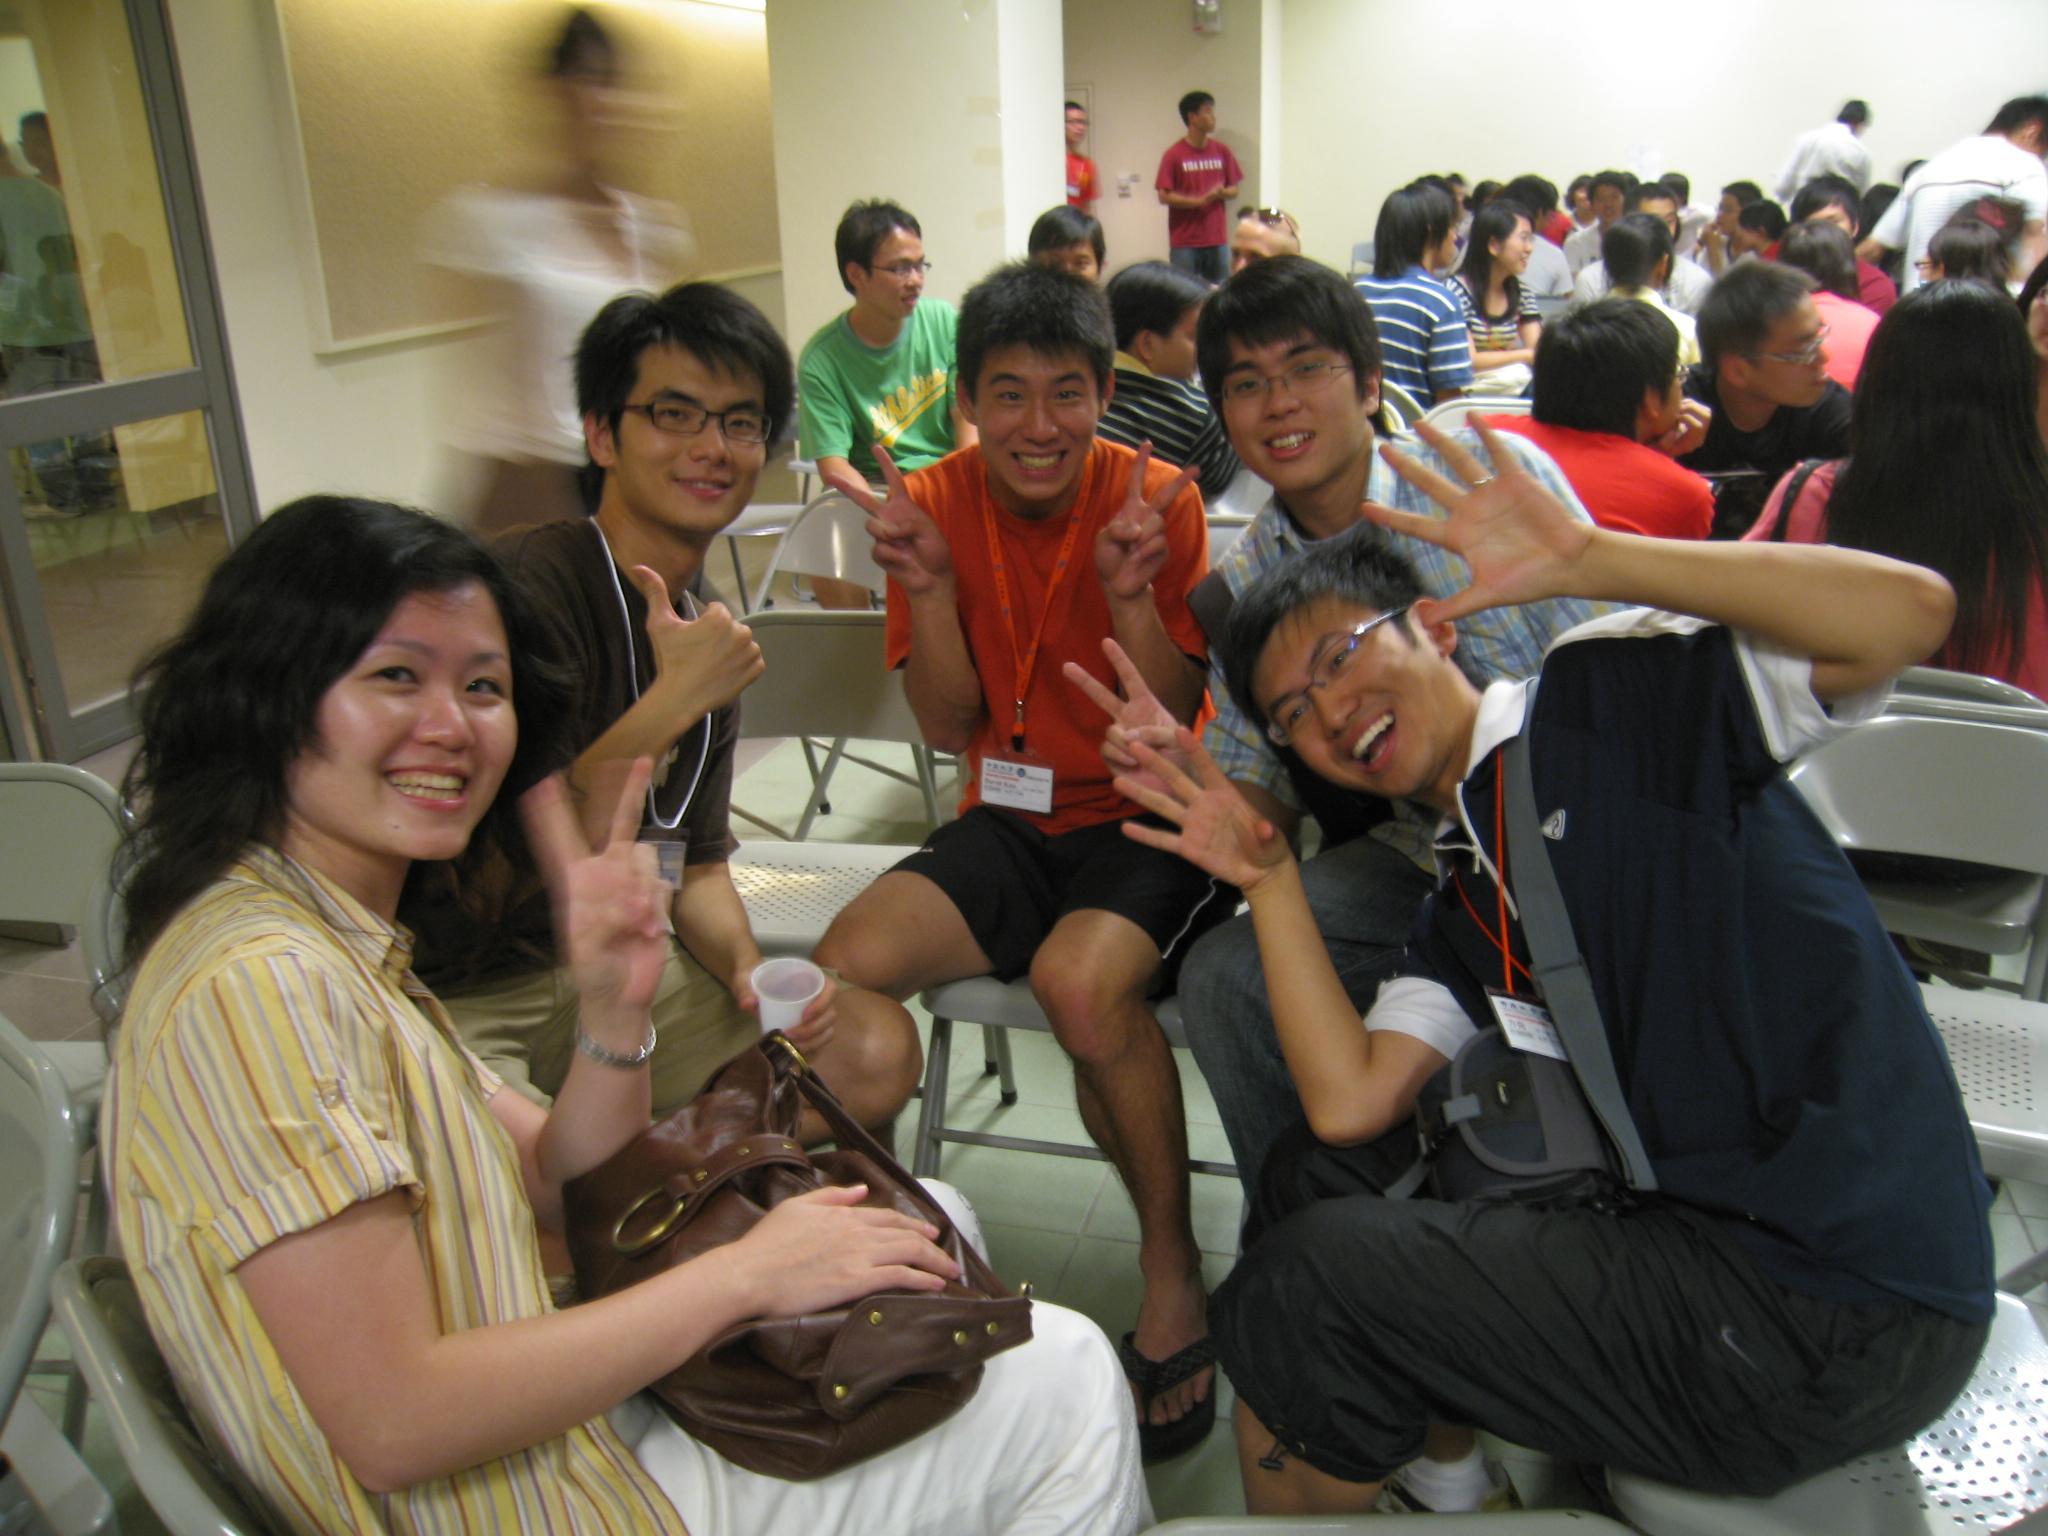 培養新時代領袖 中原舉辦領袖特質全英語訓練營